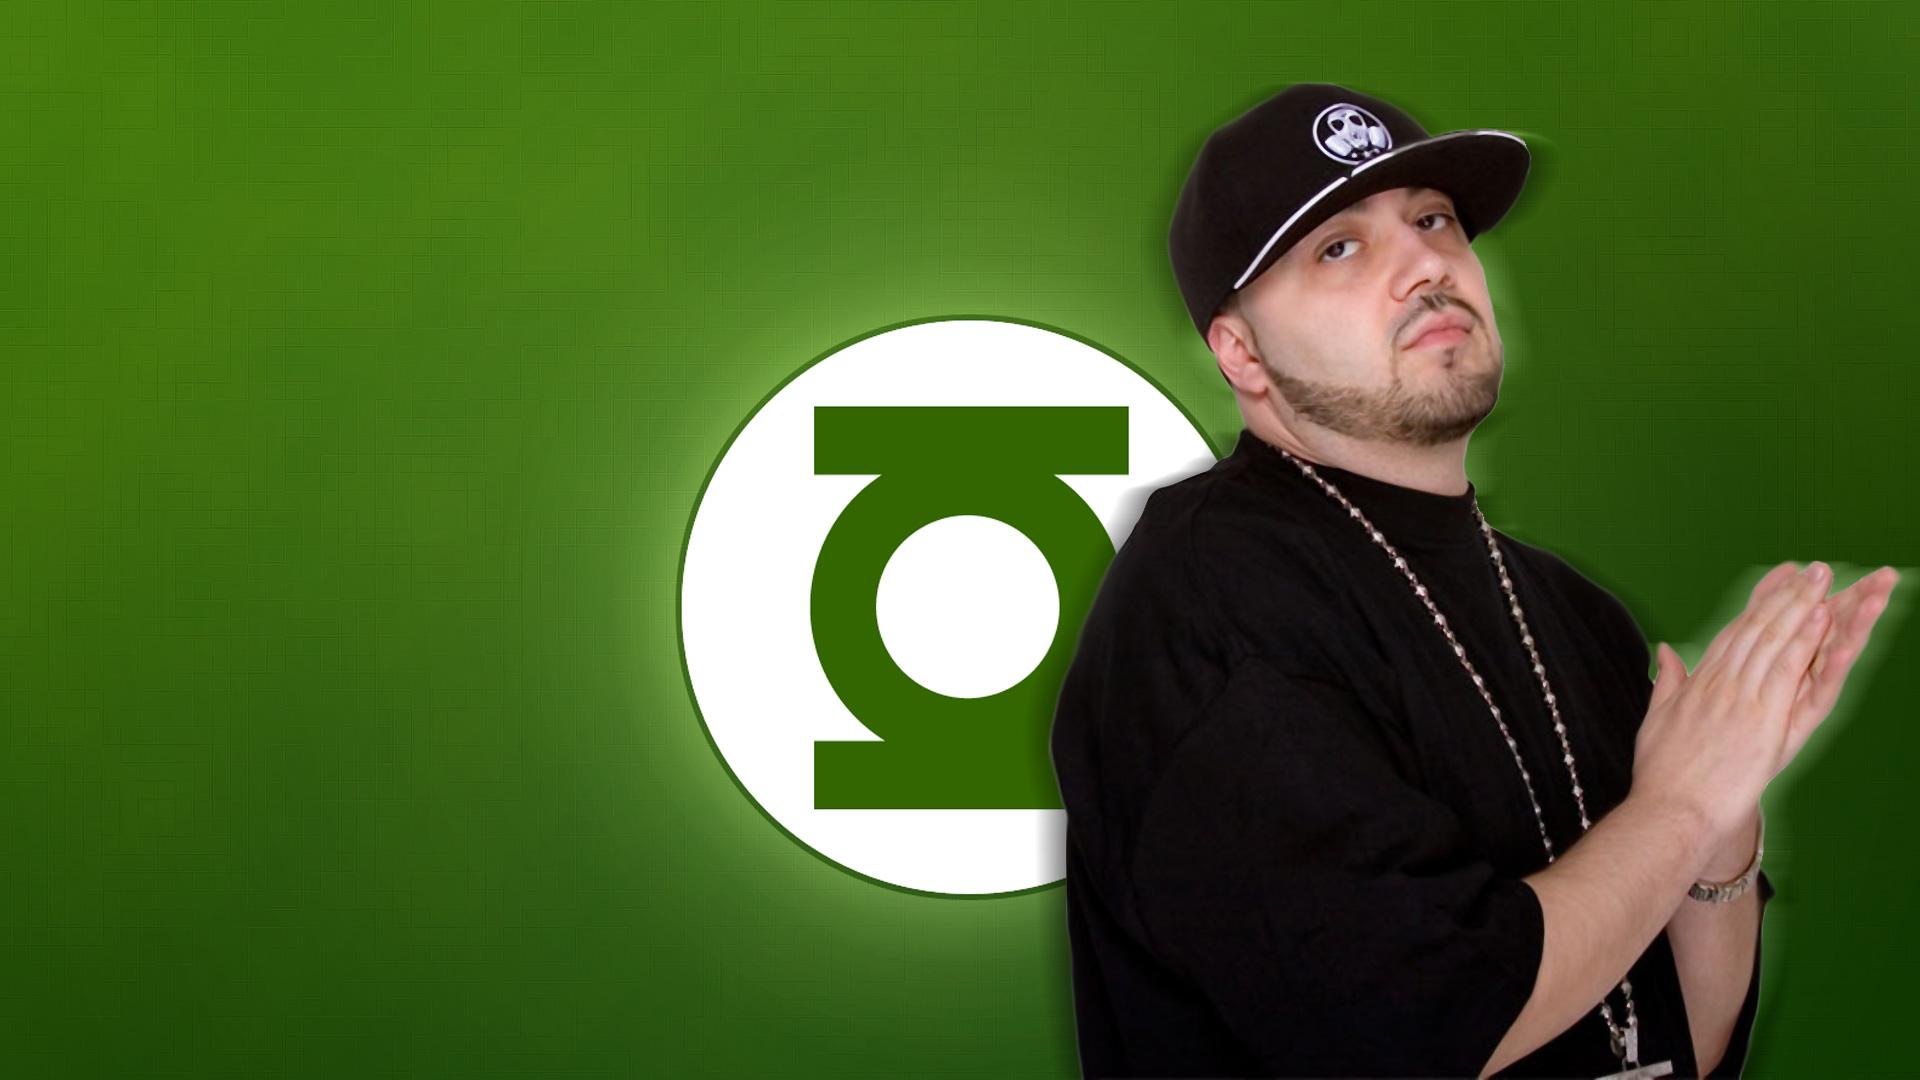 dj-green-lantern